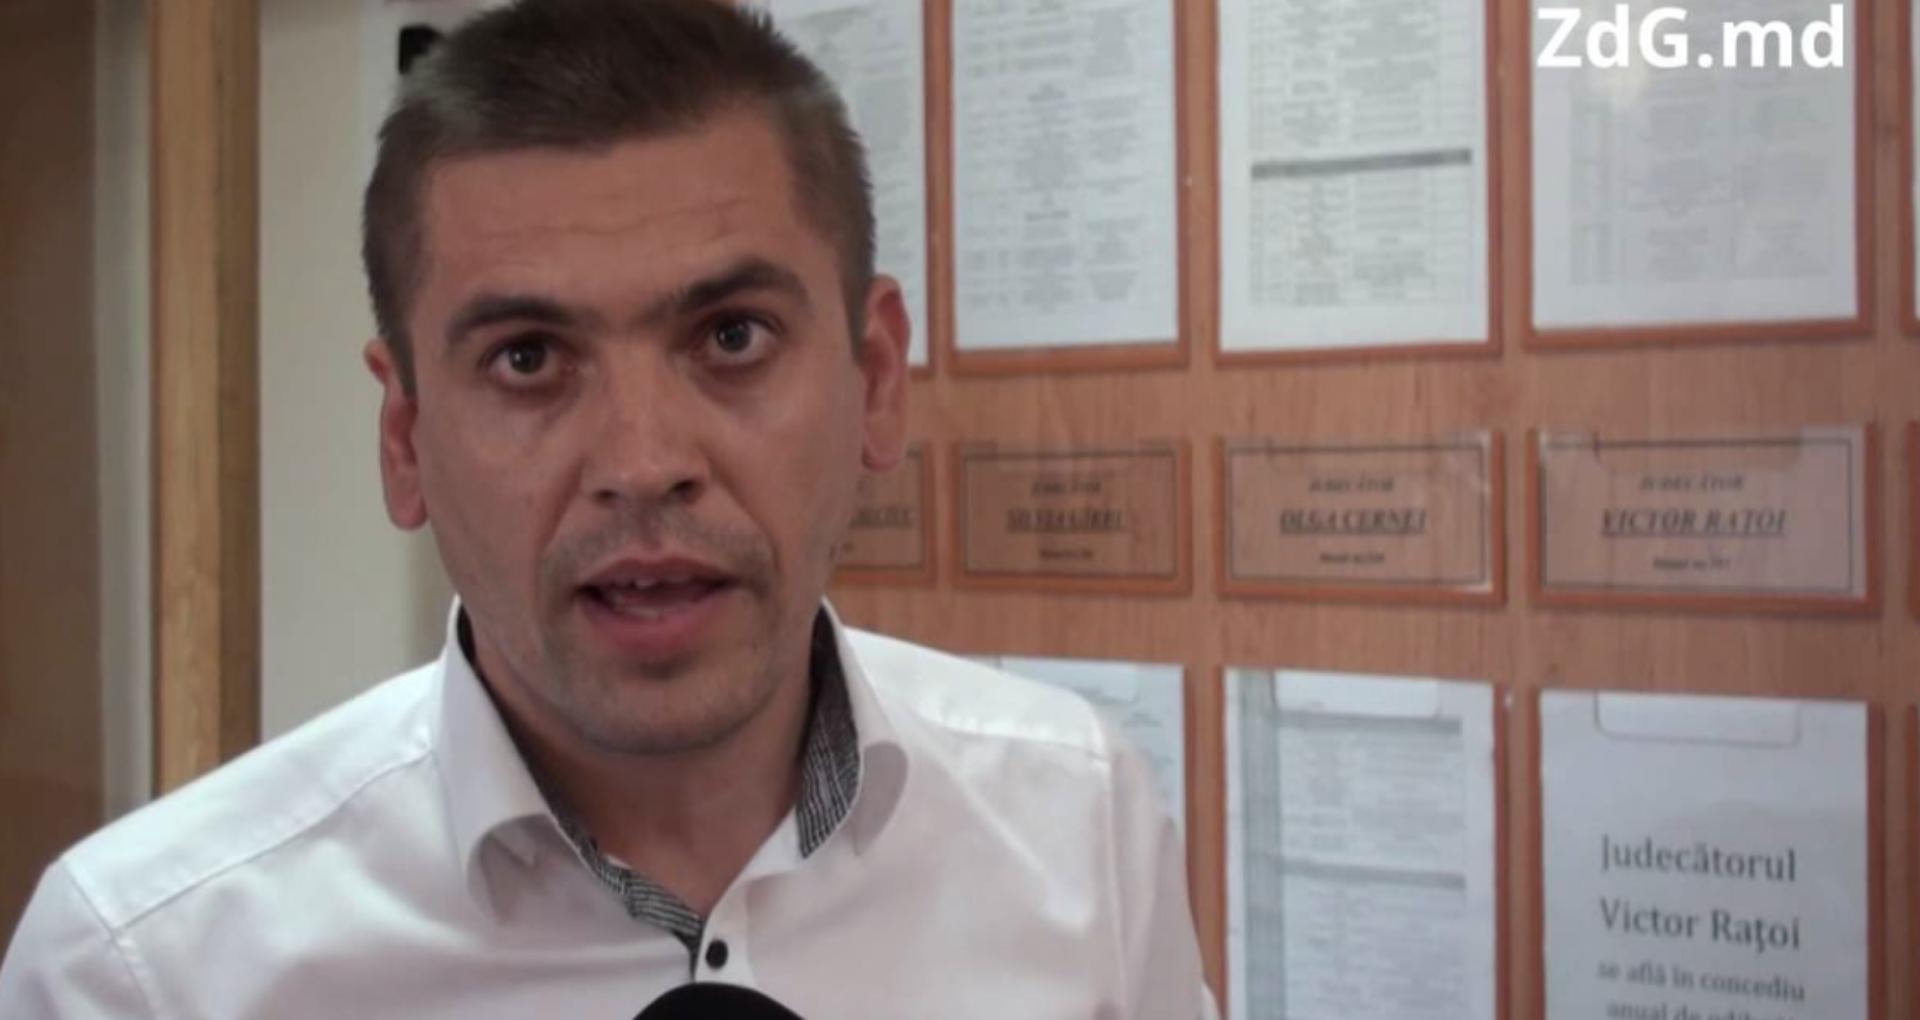 Procurorul care l-a reținut în octombrie 2015 pe fostul premier Vlad Filat și care a instrumentat mai multe dosare de rezonanță,  eliberat din funcție de CSP